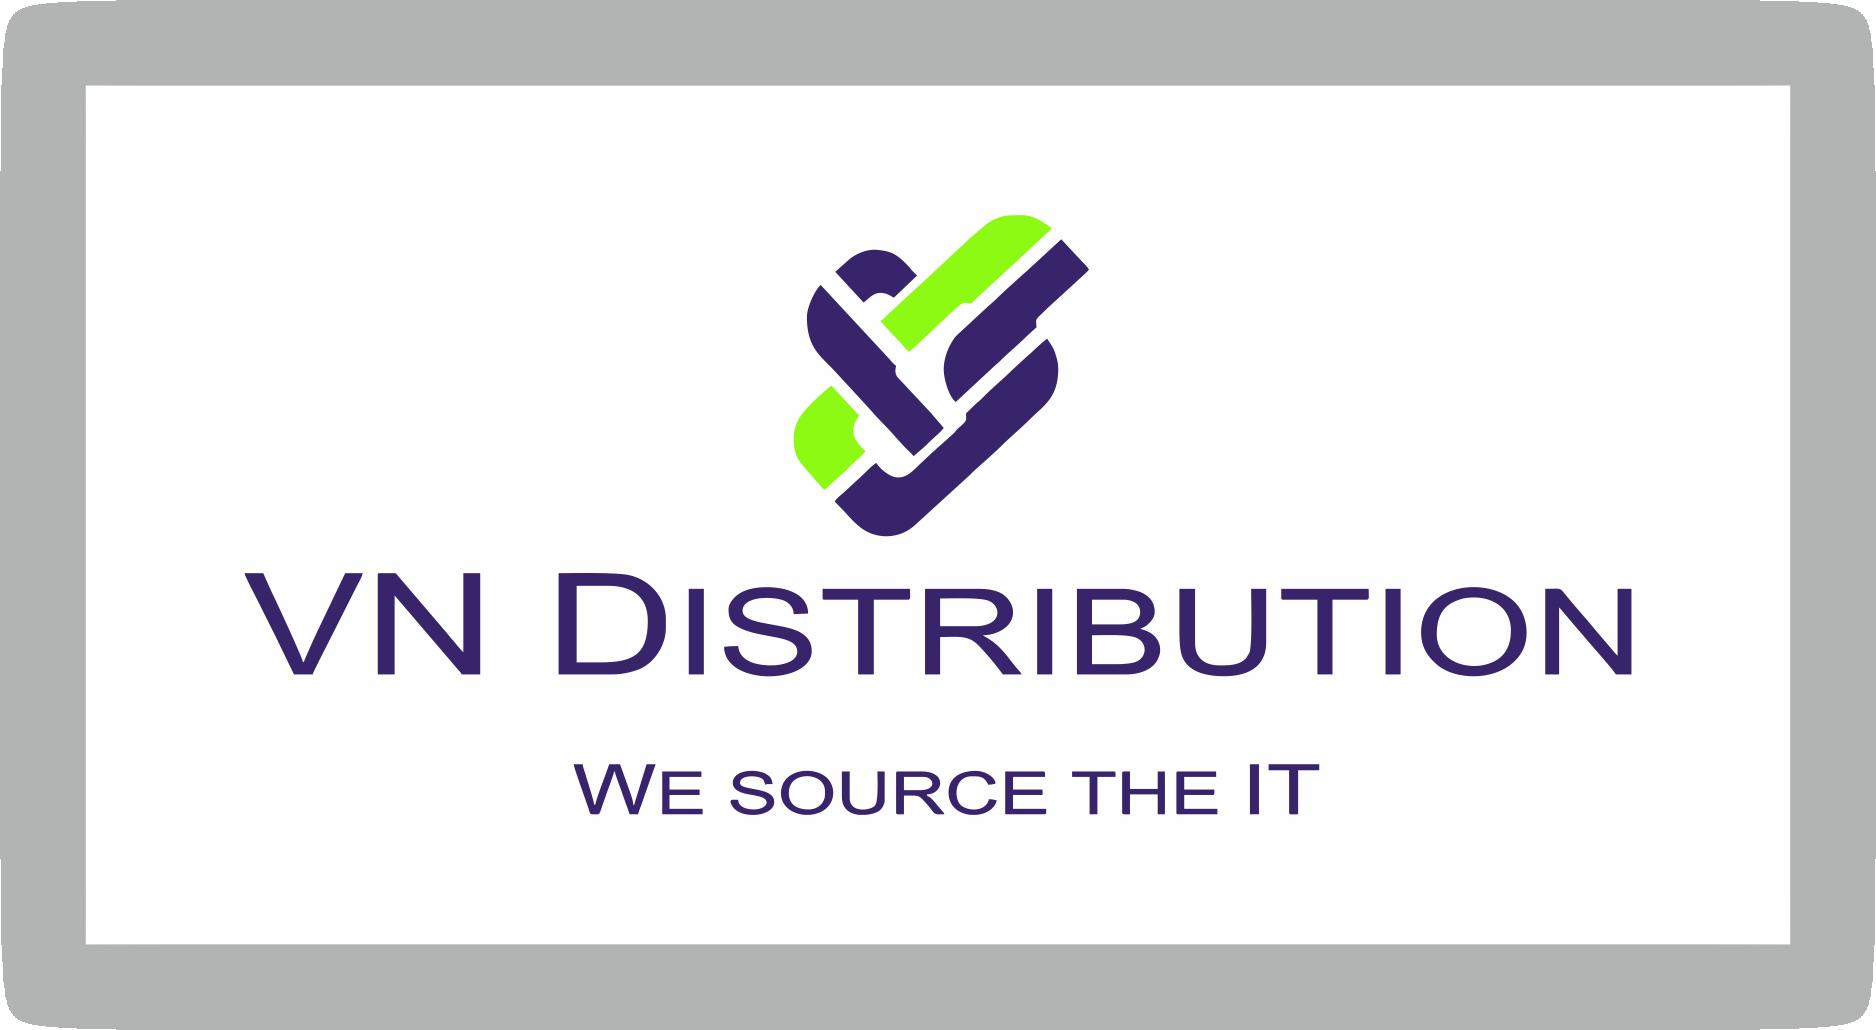 BMS системи, ЕРП система от фирма ВН Дистрибушън